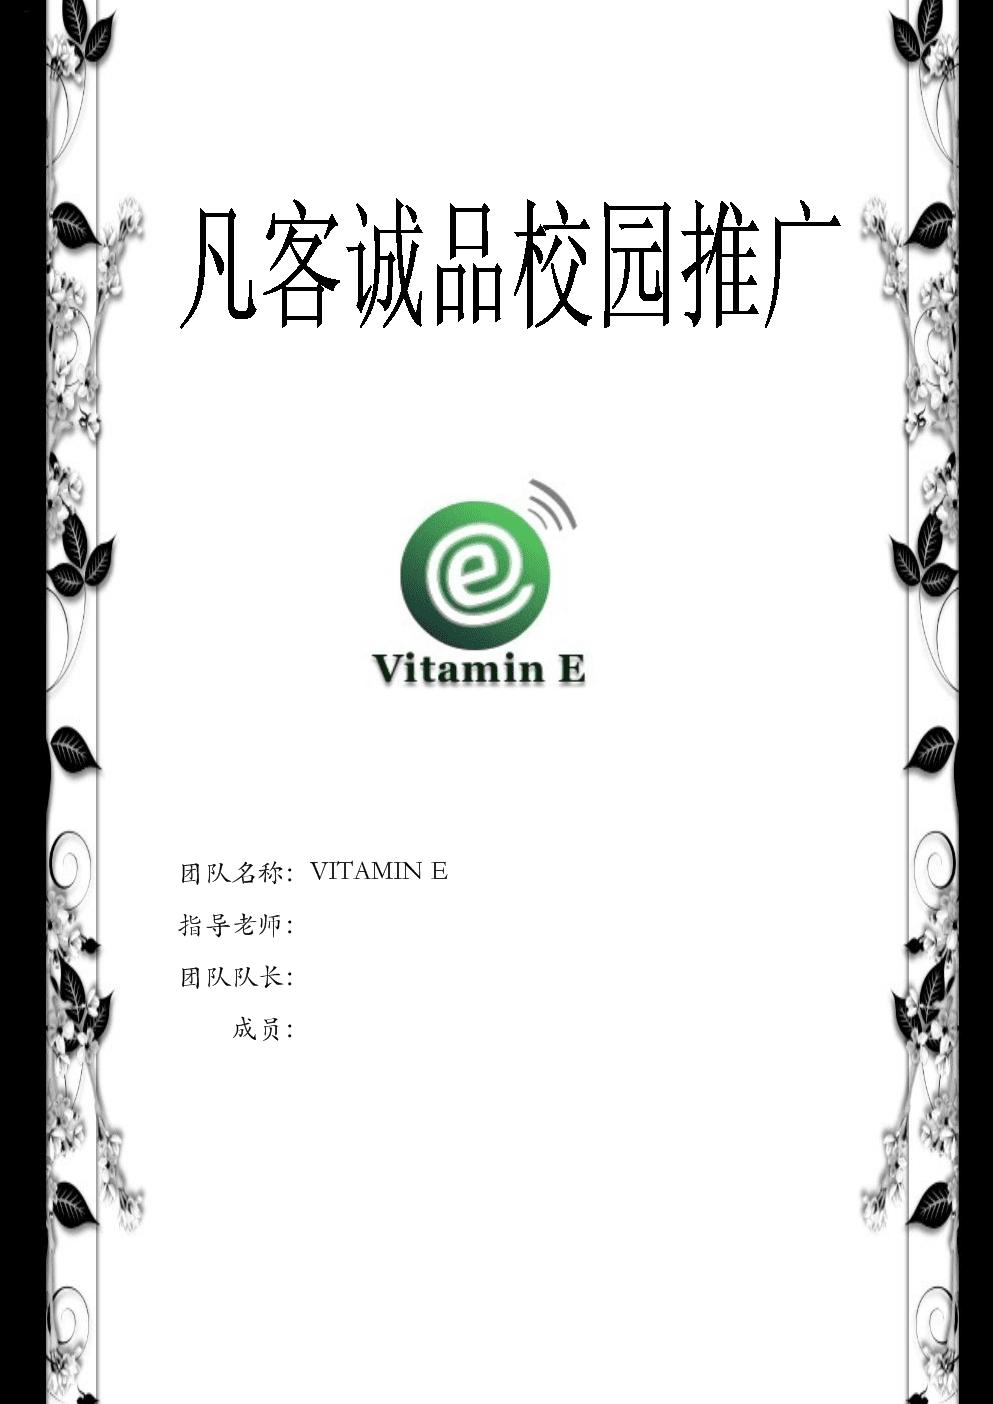 凡客诚品校园推广策划方案.doc